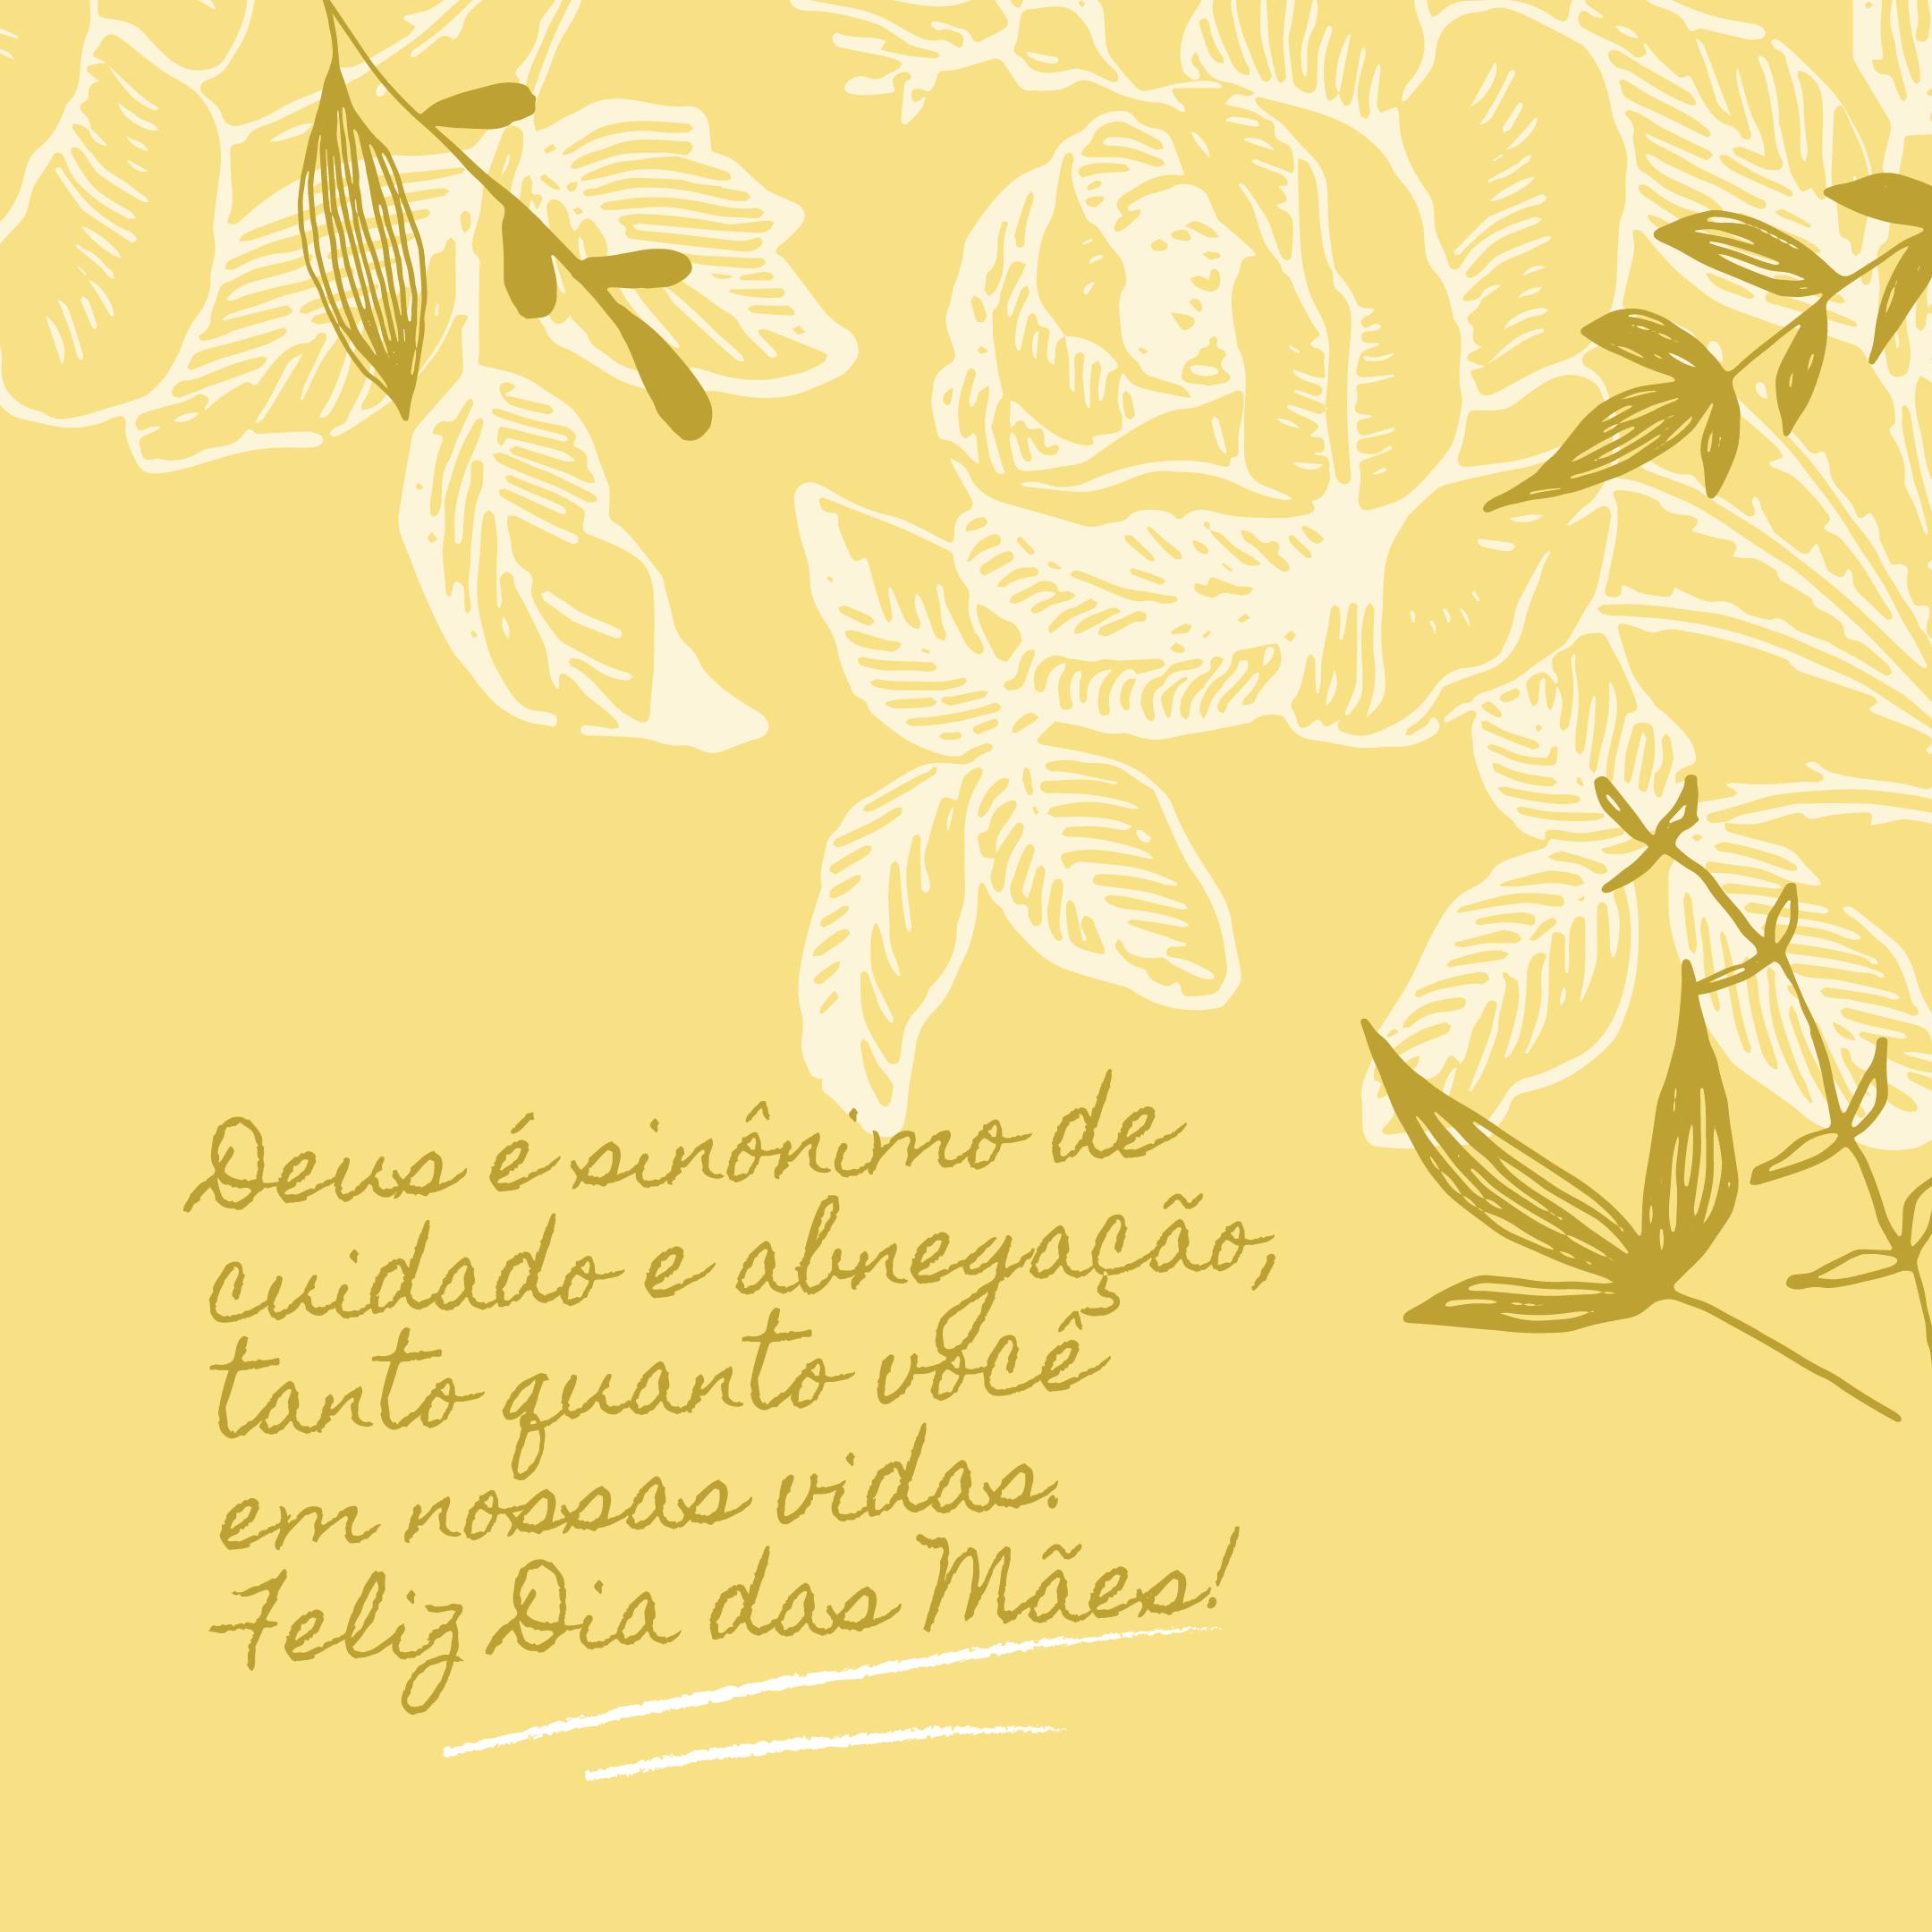 Deus é sinônimo de cuidado e abnegação, tanto quanto você em nossas vidas. Feliz Dia das Mães!